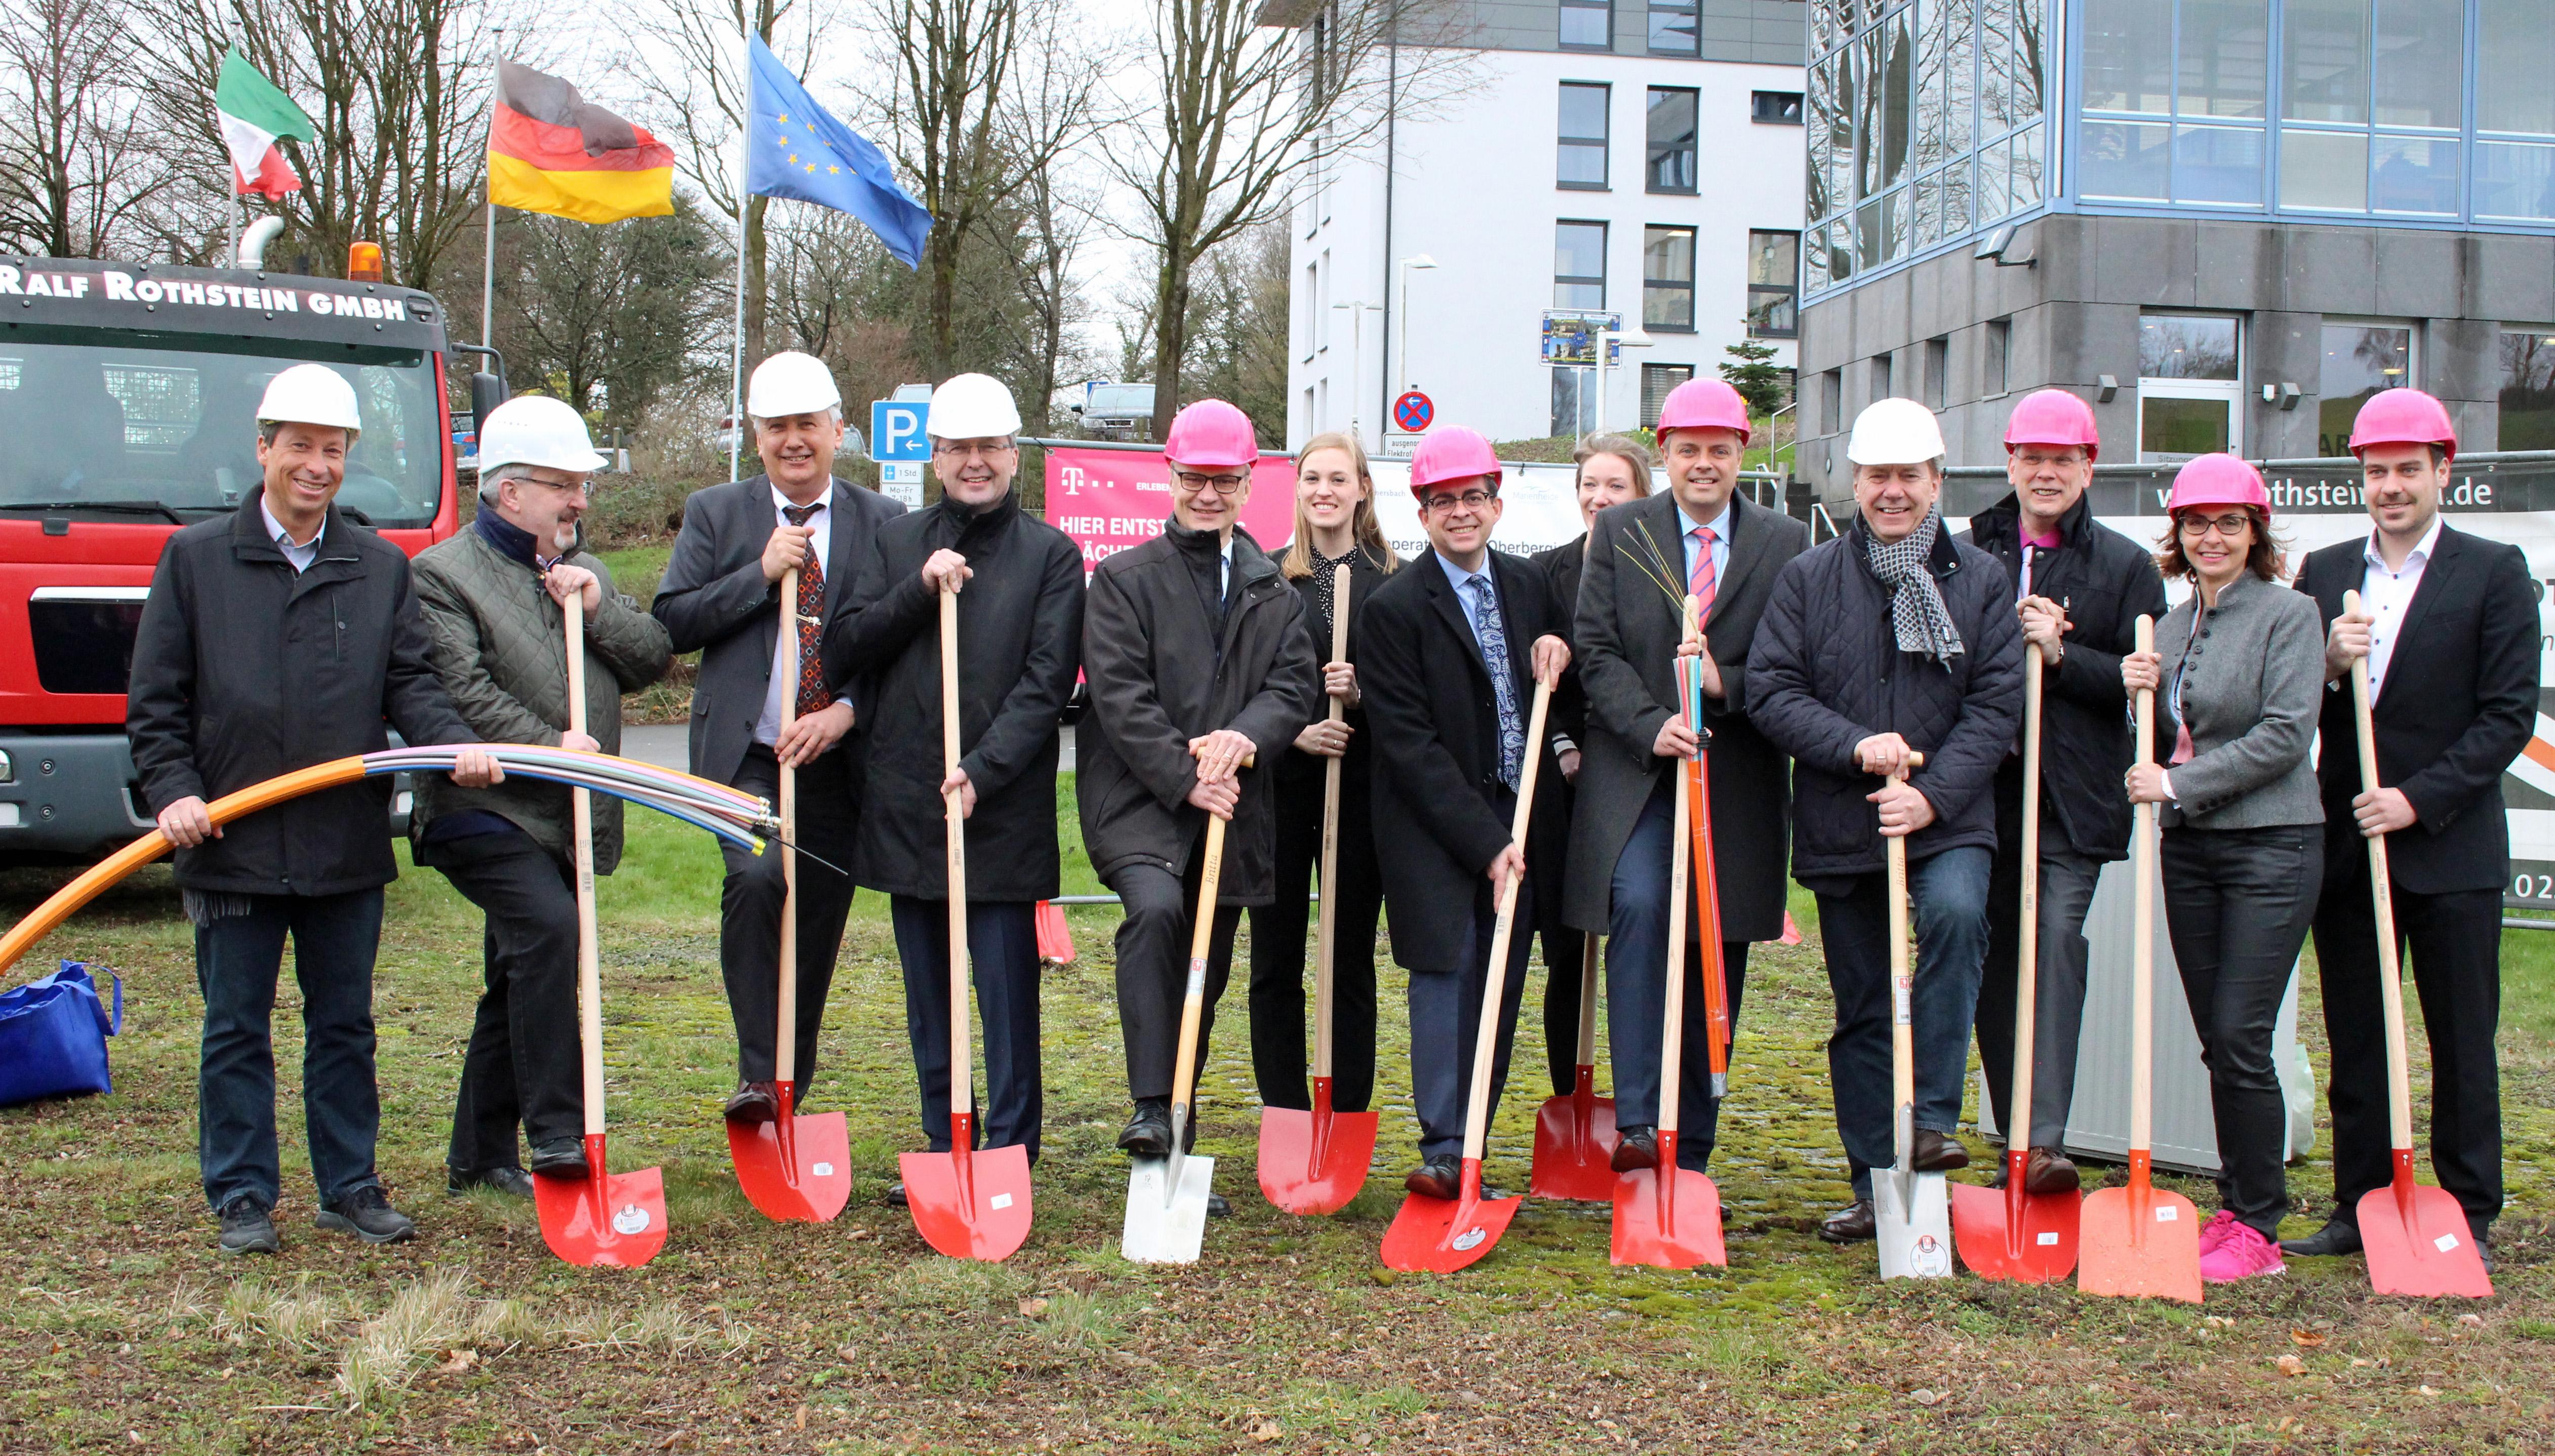 Der Start für ein flächendeckendes Breitbandnetz im Oberbergischen Kreis ist erfolgt (Foto:OBK)